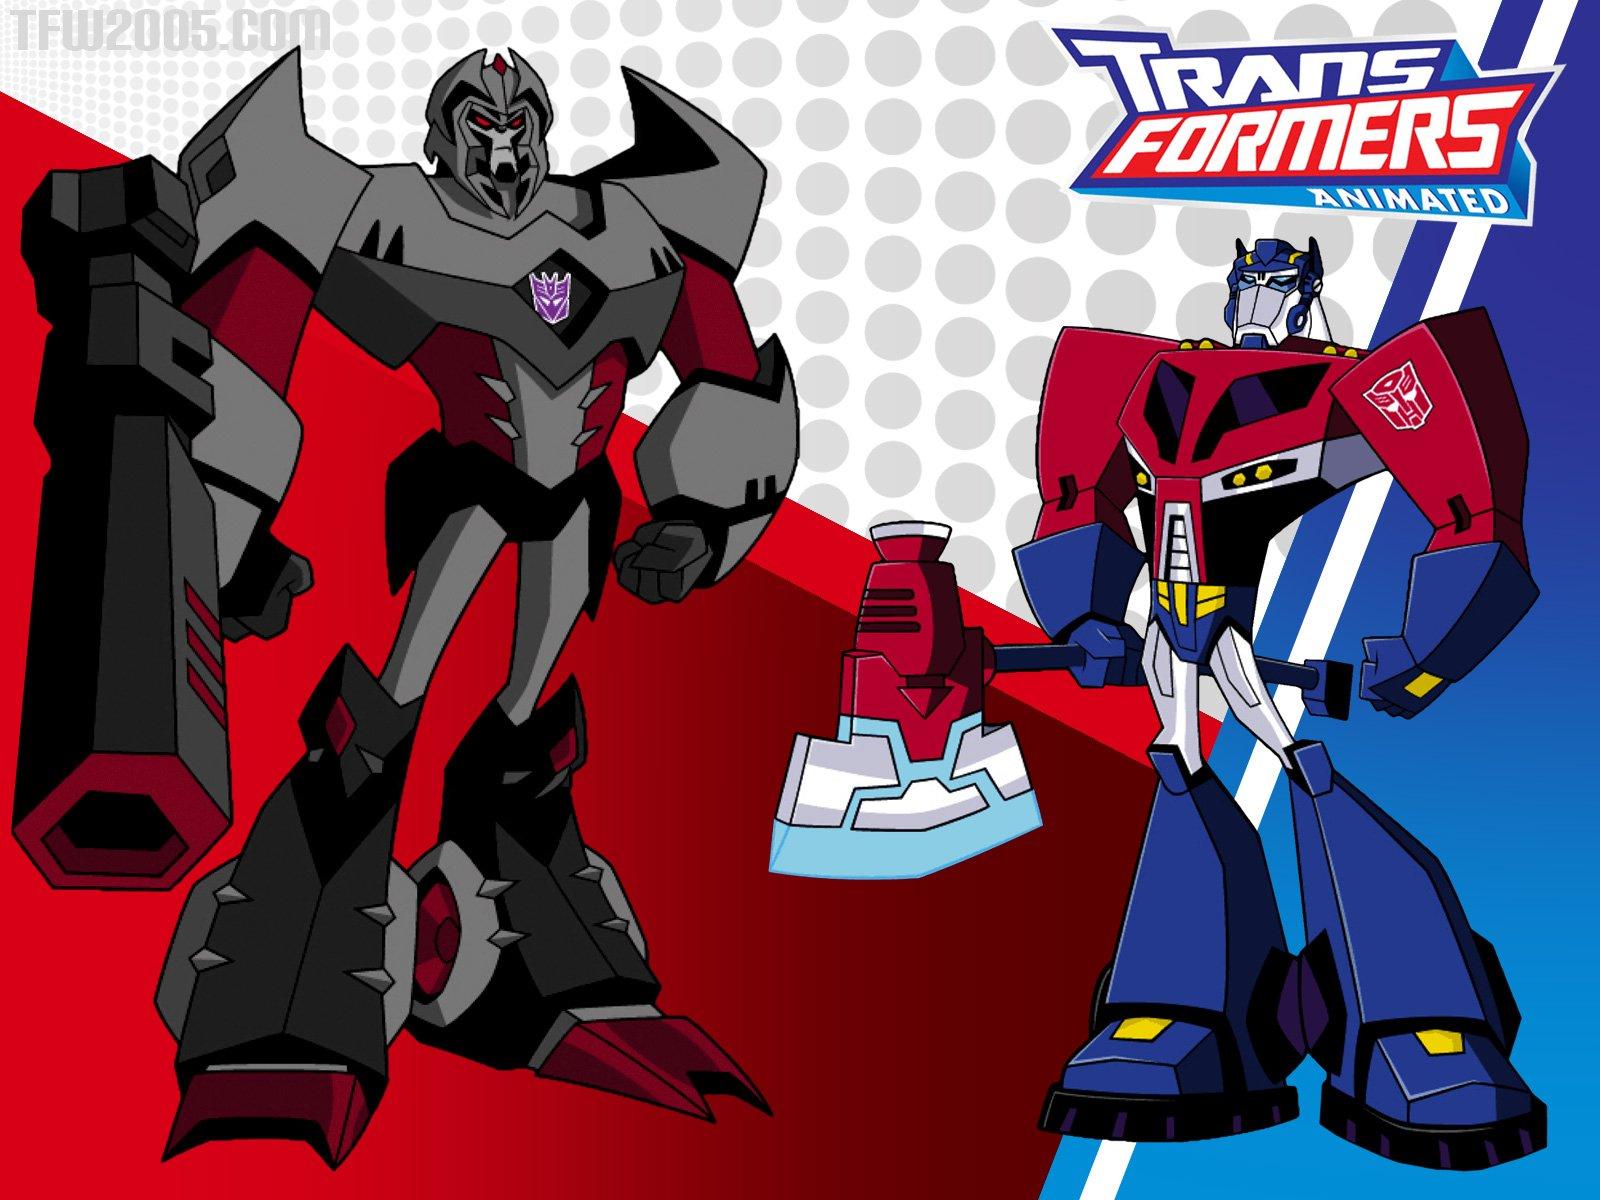 Optimus prime vs megatron wallpaper wallpapersafari - Transformers cartoon optimus prime vs megatron ...